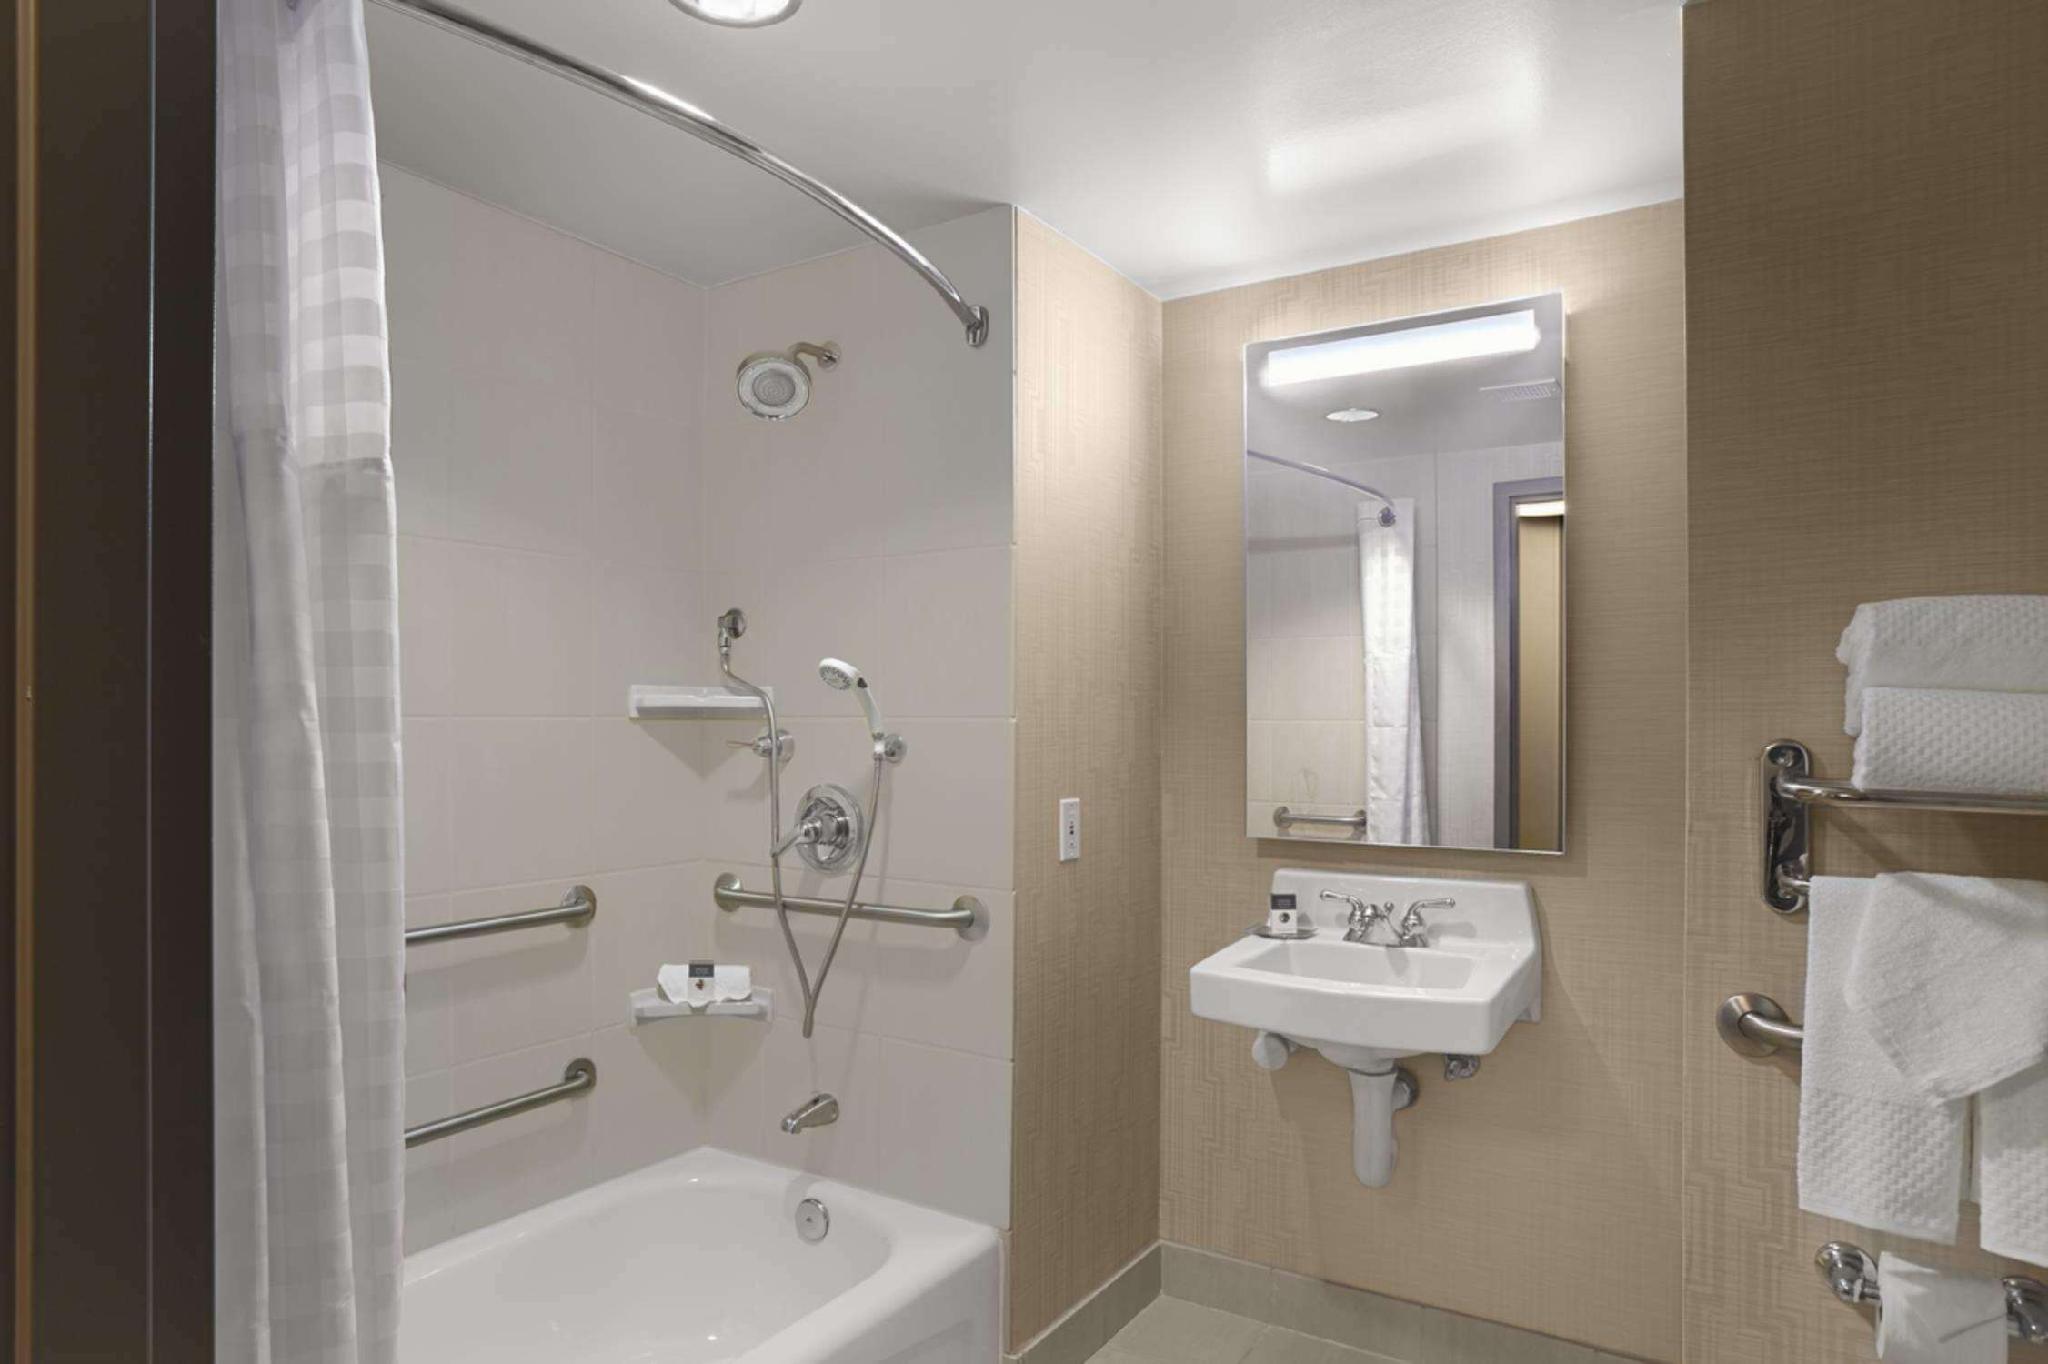 2 Queen Accessible Bath Tub Non-Smoking